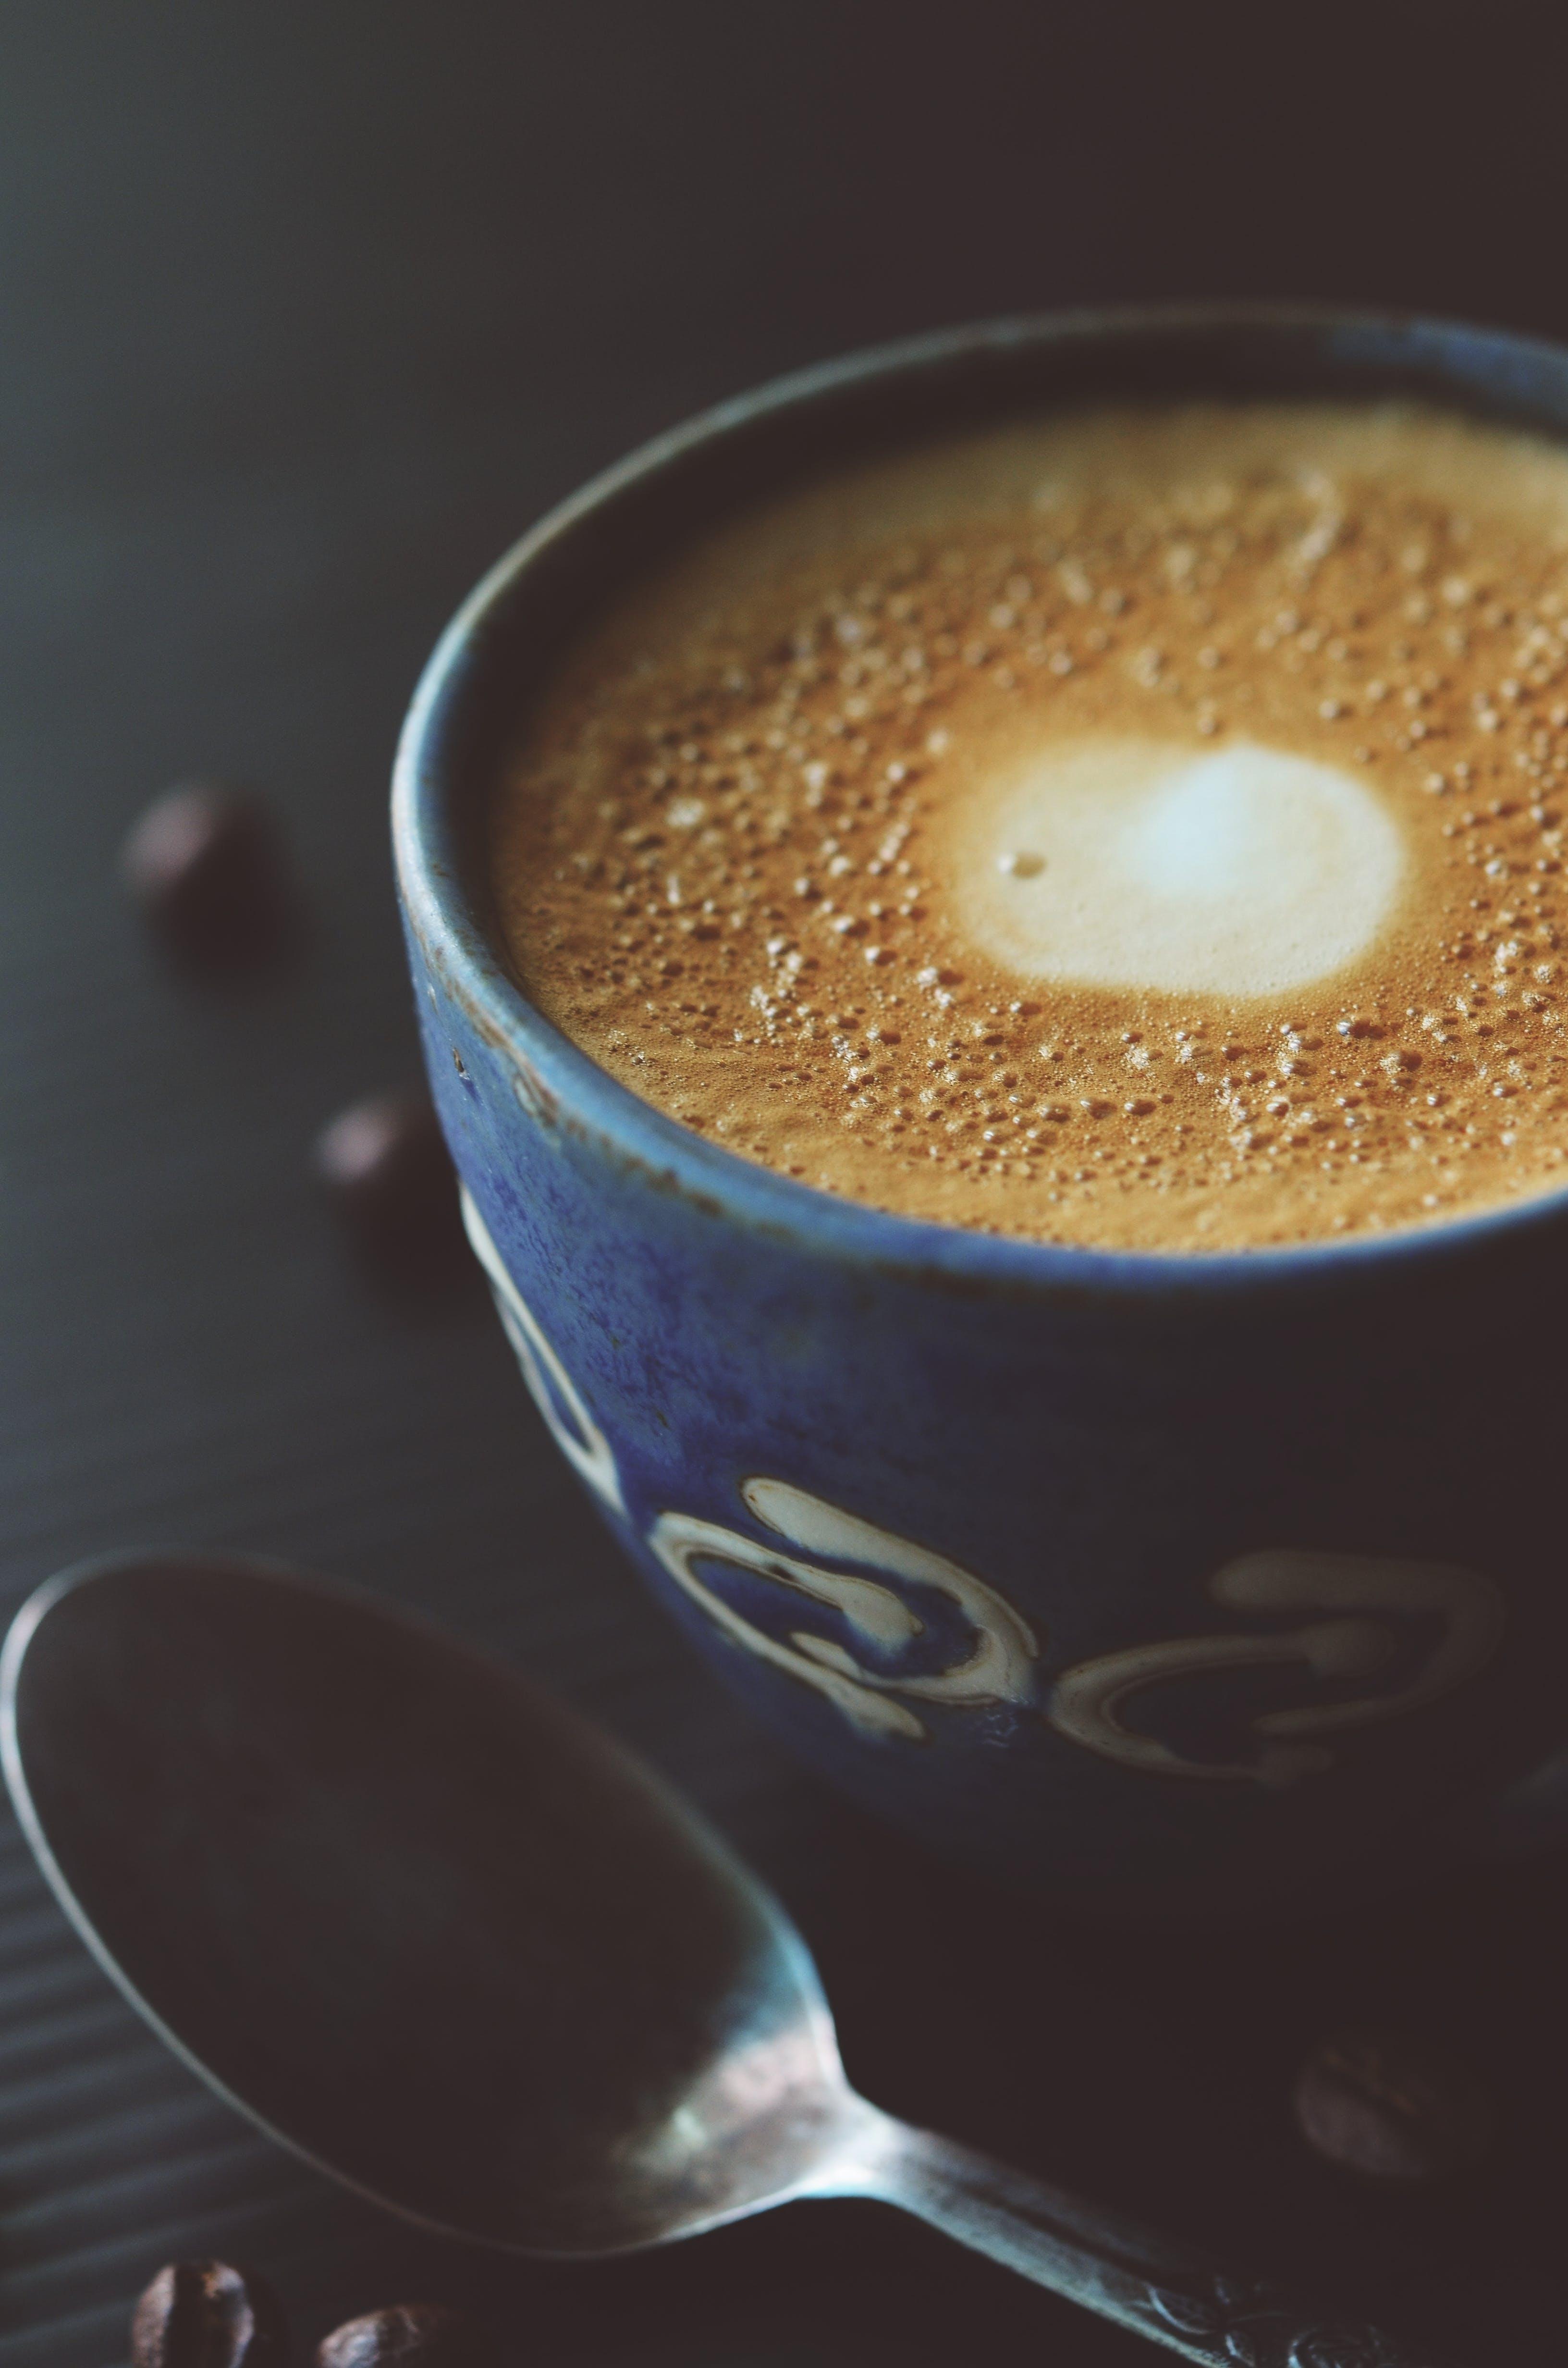 Stainless Steel Spoon Beside Blue Ceramic Coffee Mug